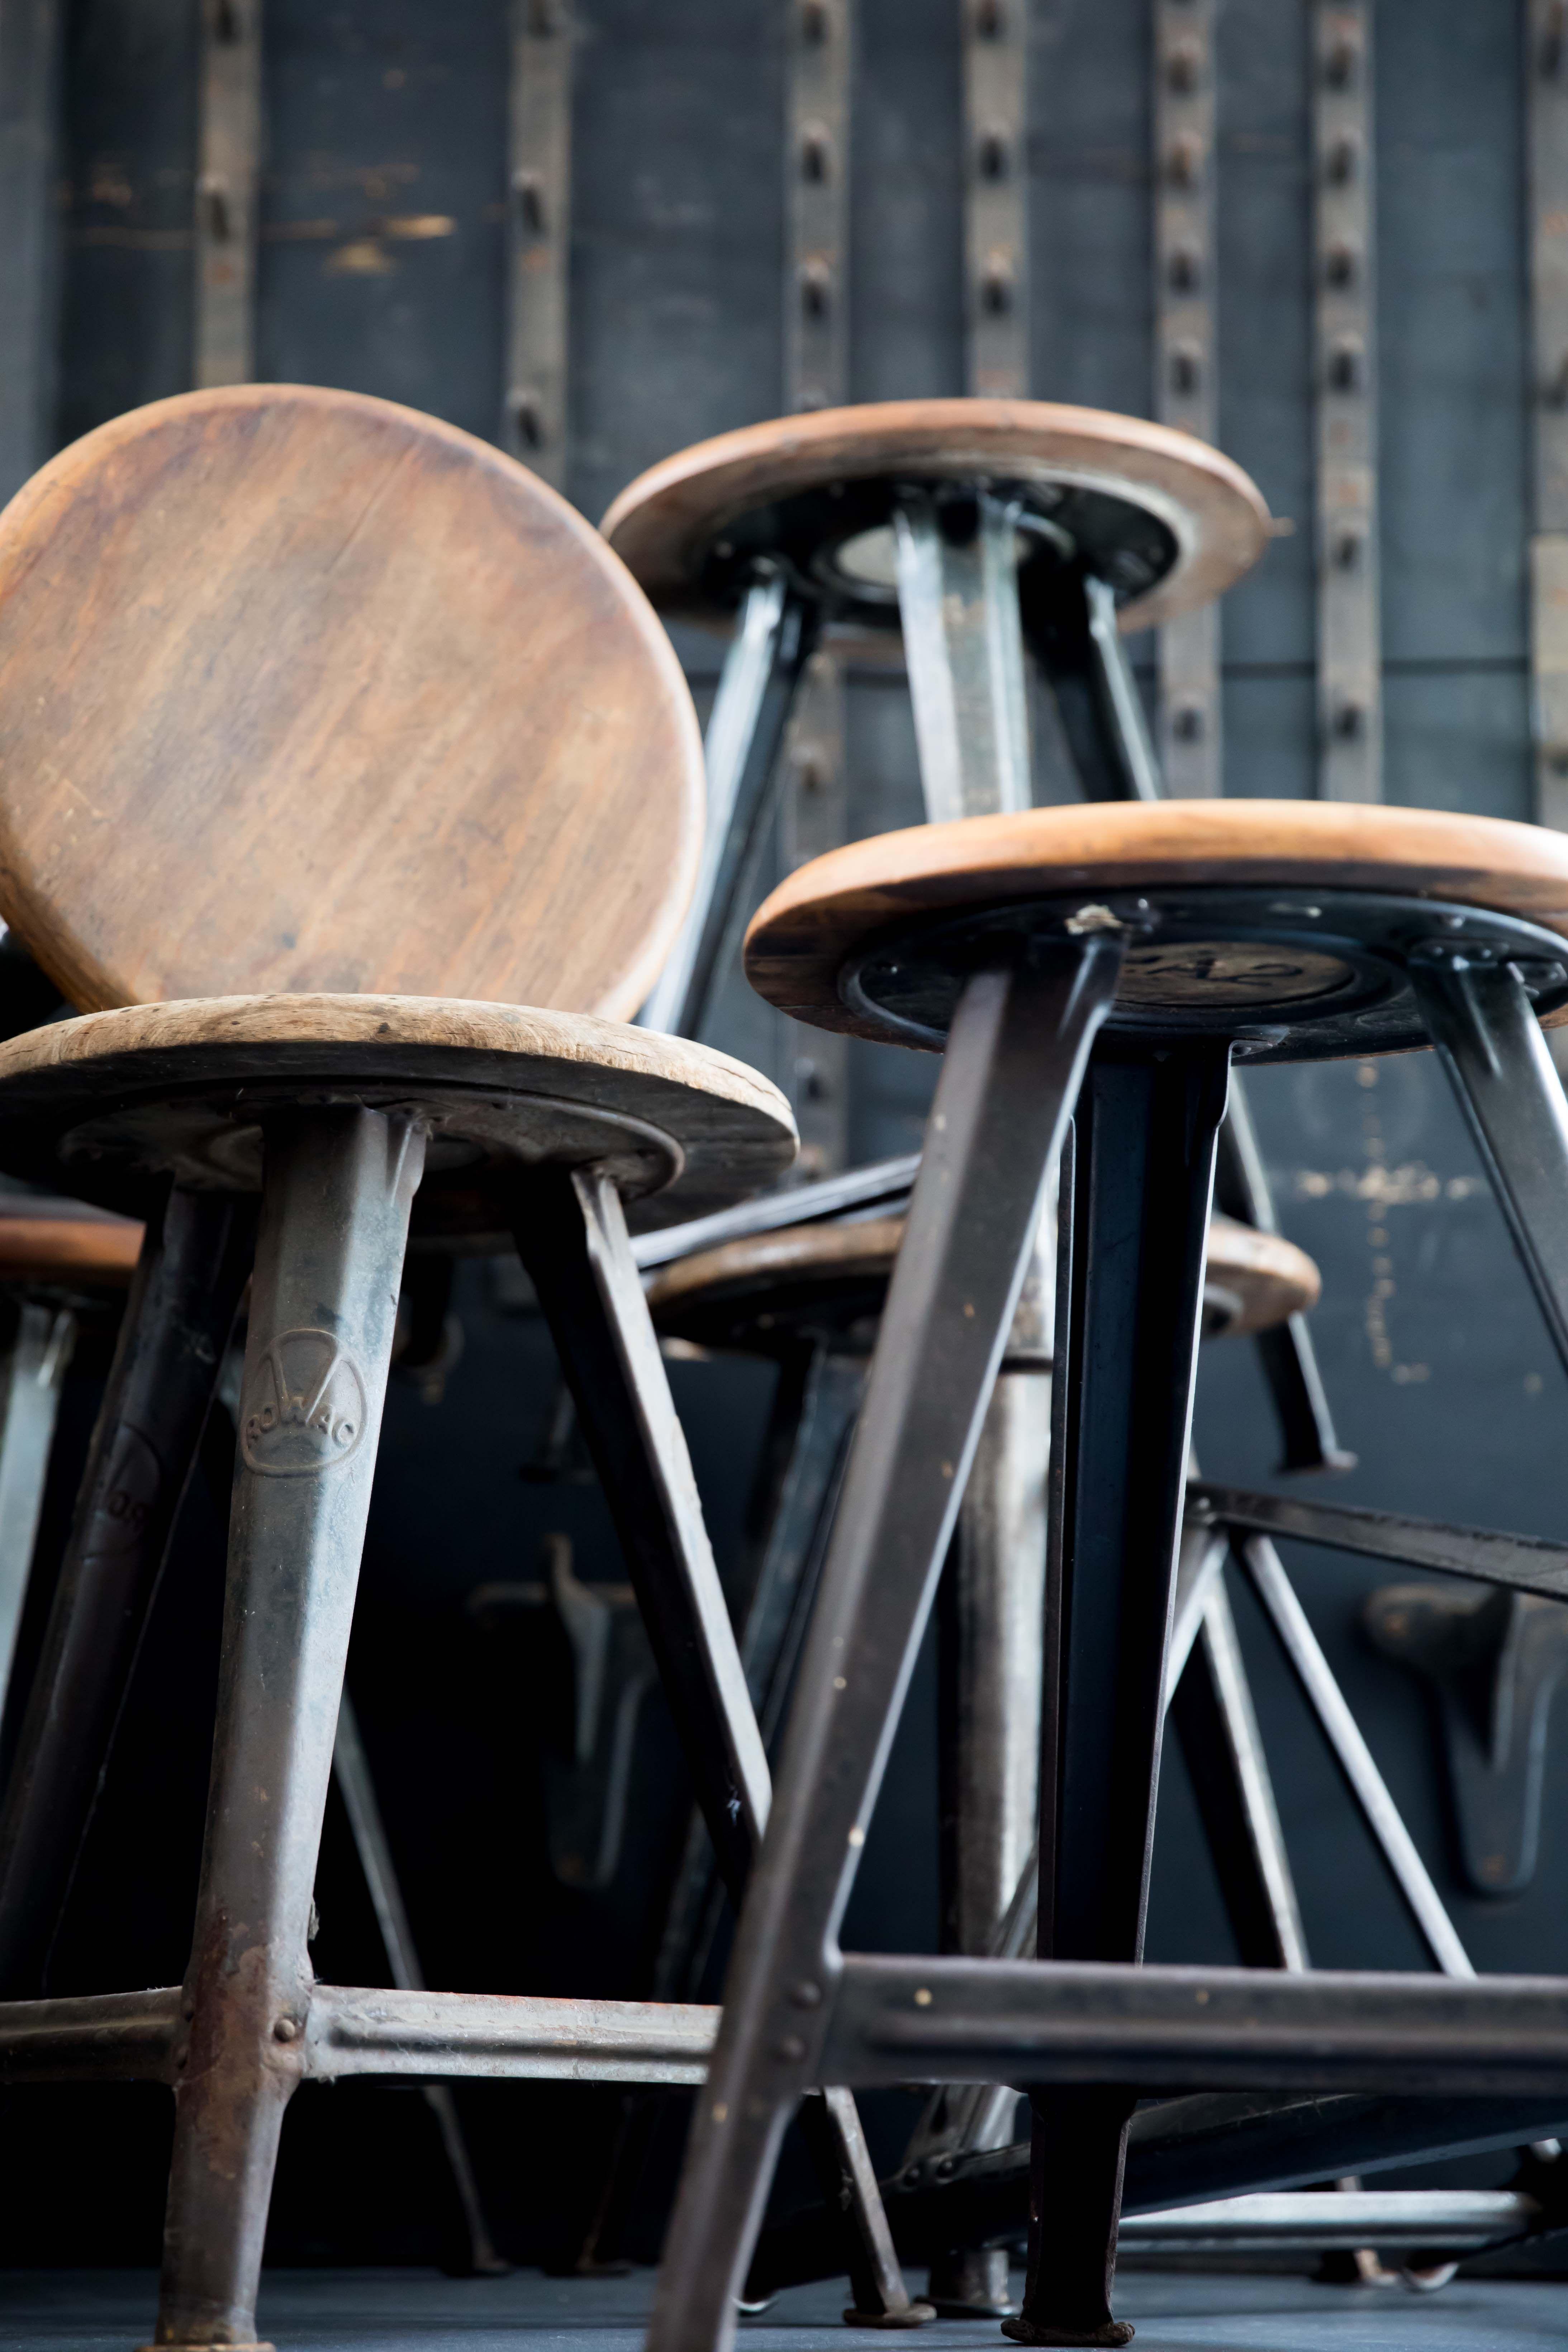 Industrial Design, Robert Wagner Chemnitz, Bauhaus, Schemel Industrie Design